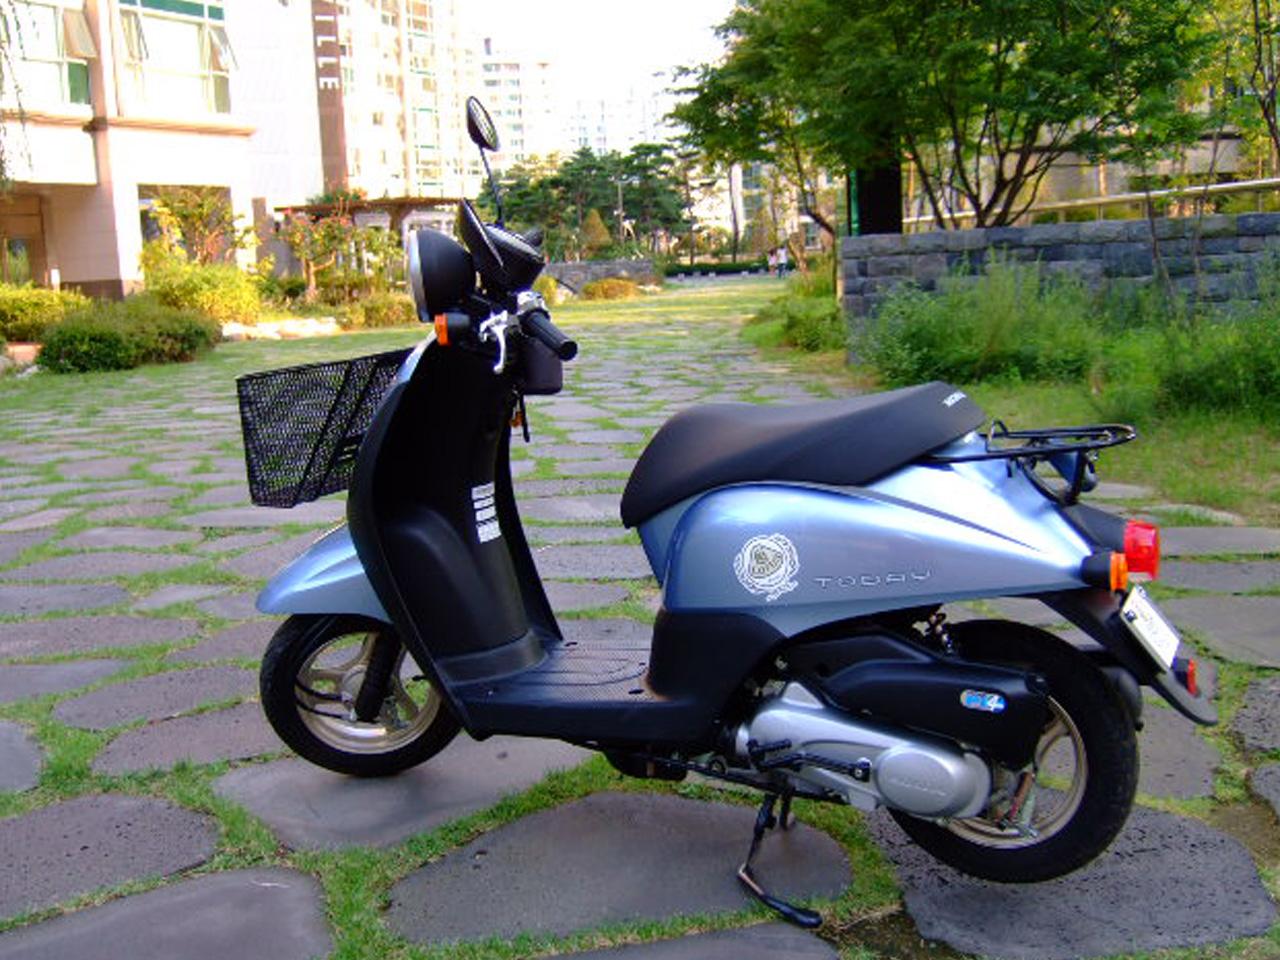 【本田honda today摩托车图片】_摩托车图片库_摩托车